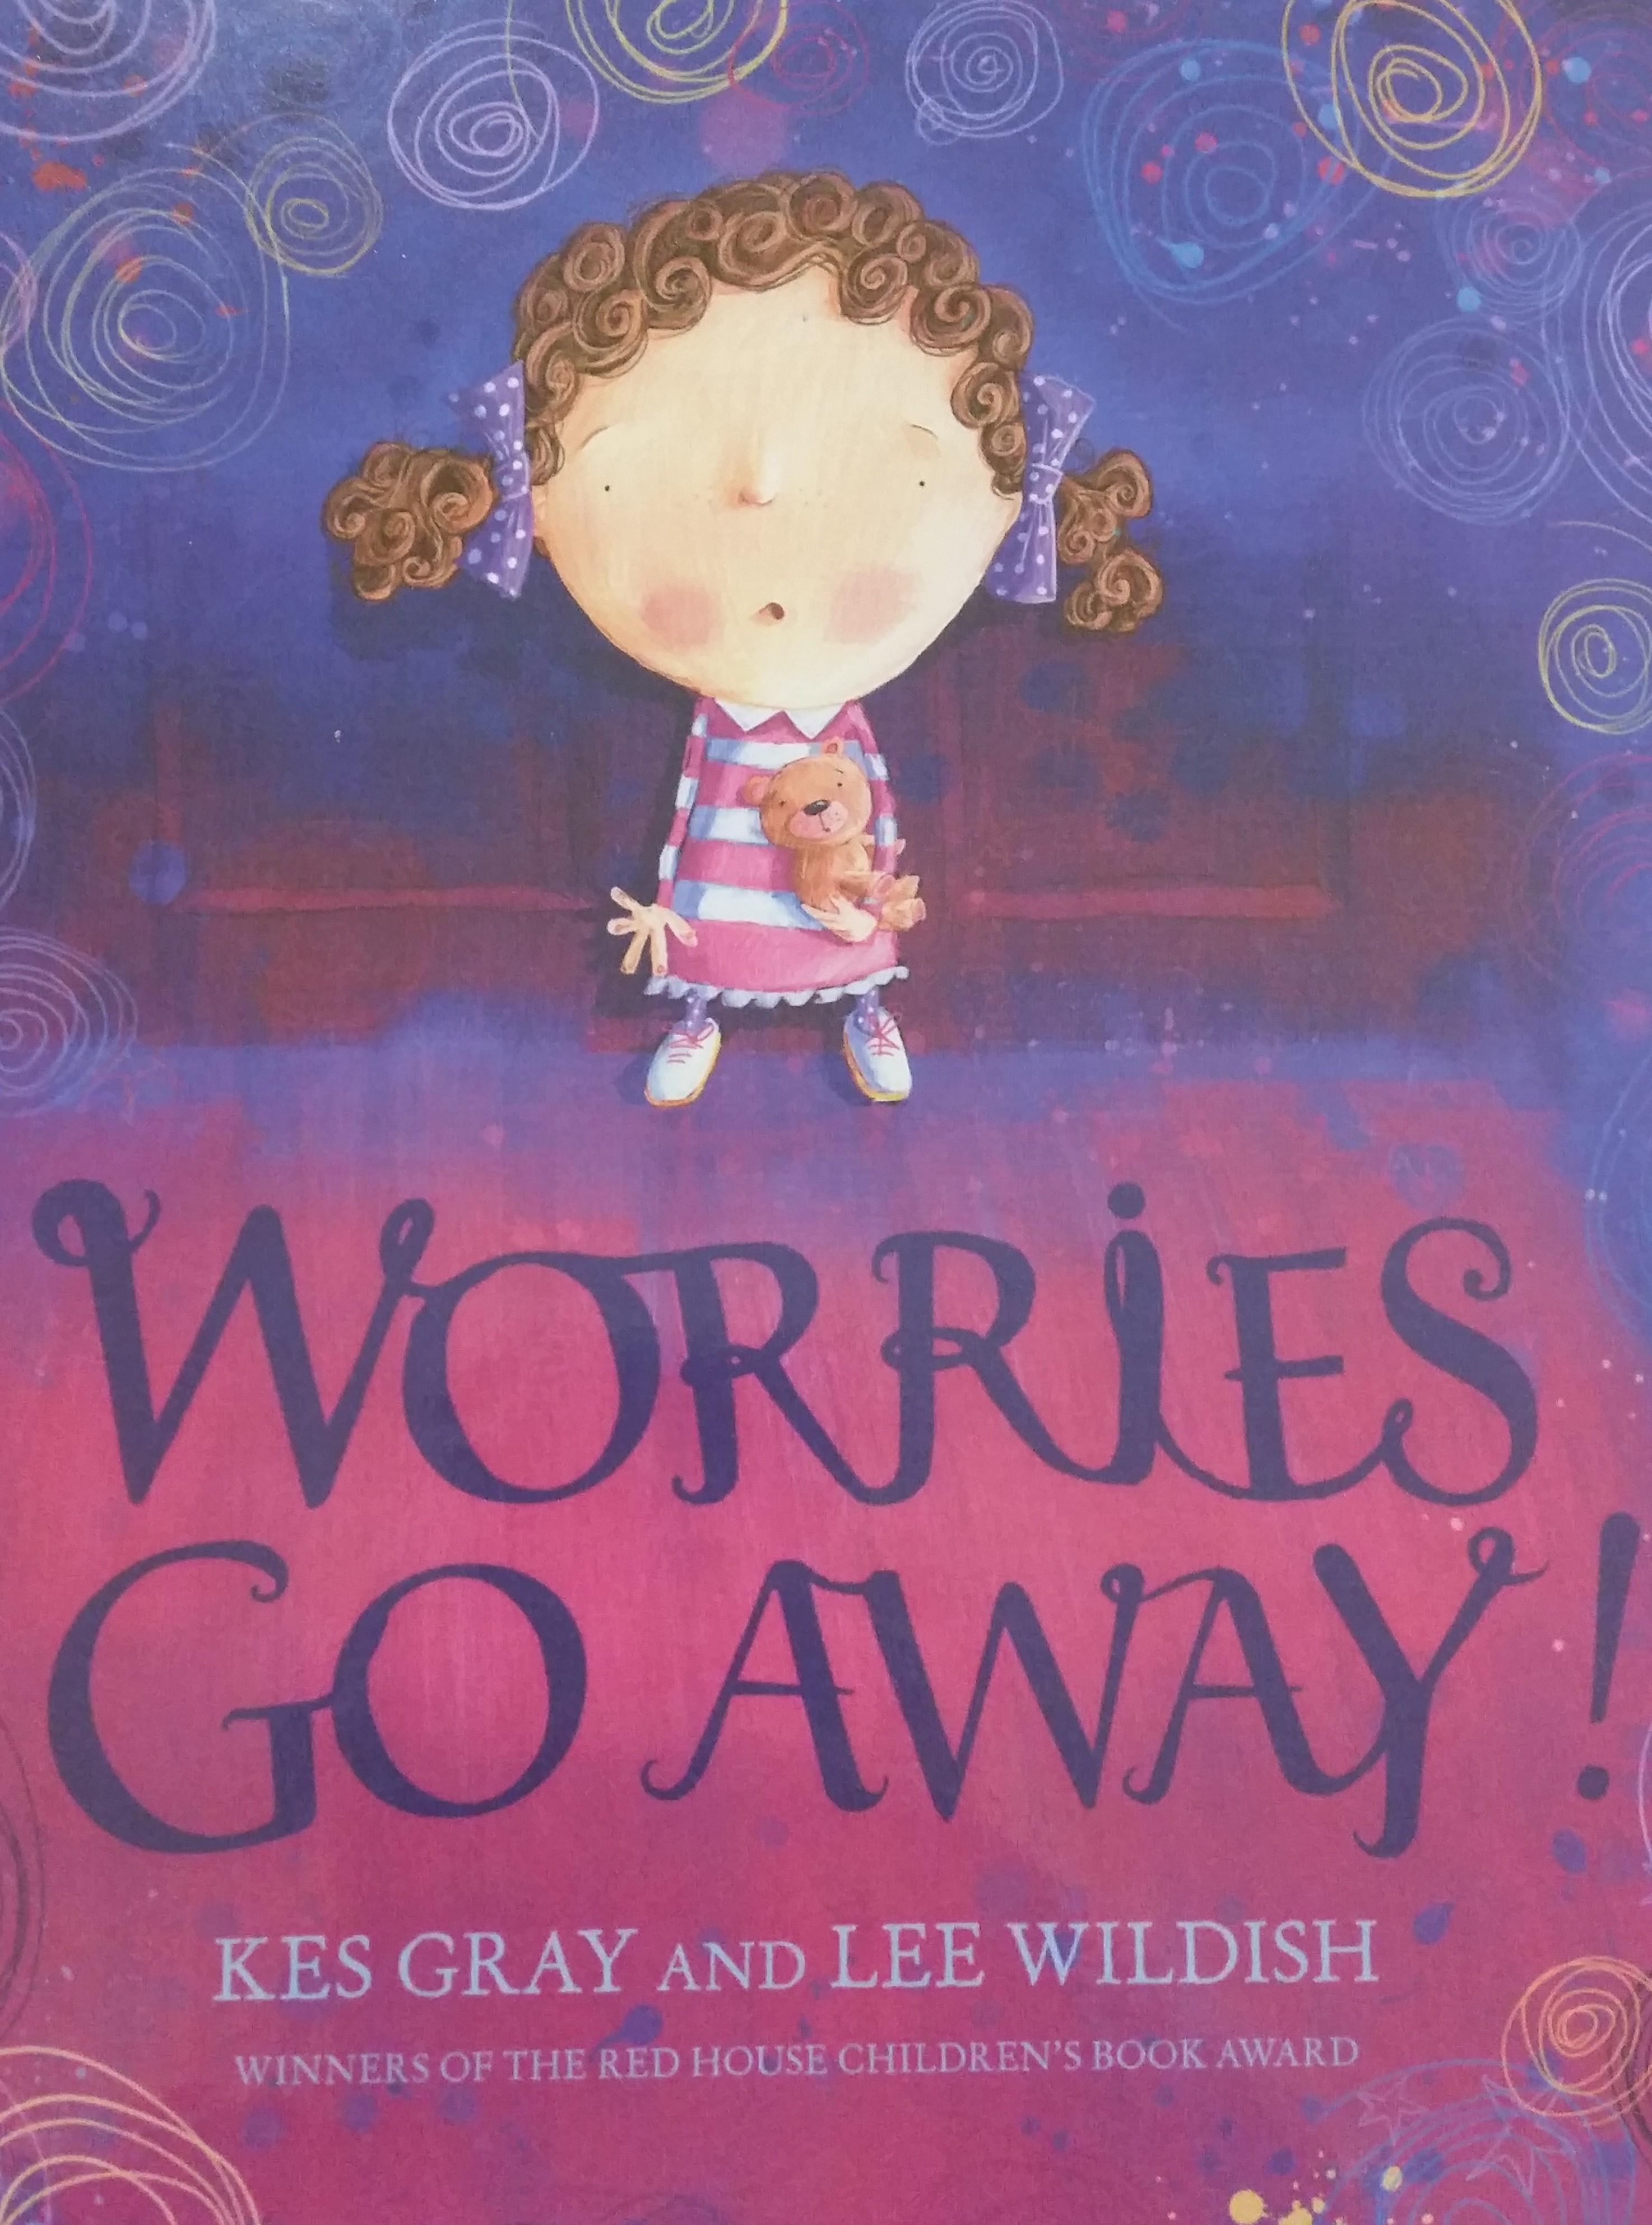 Gelezen worries go away boekielezen for Piekeren engels